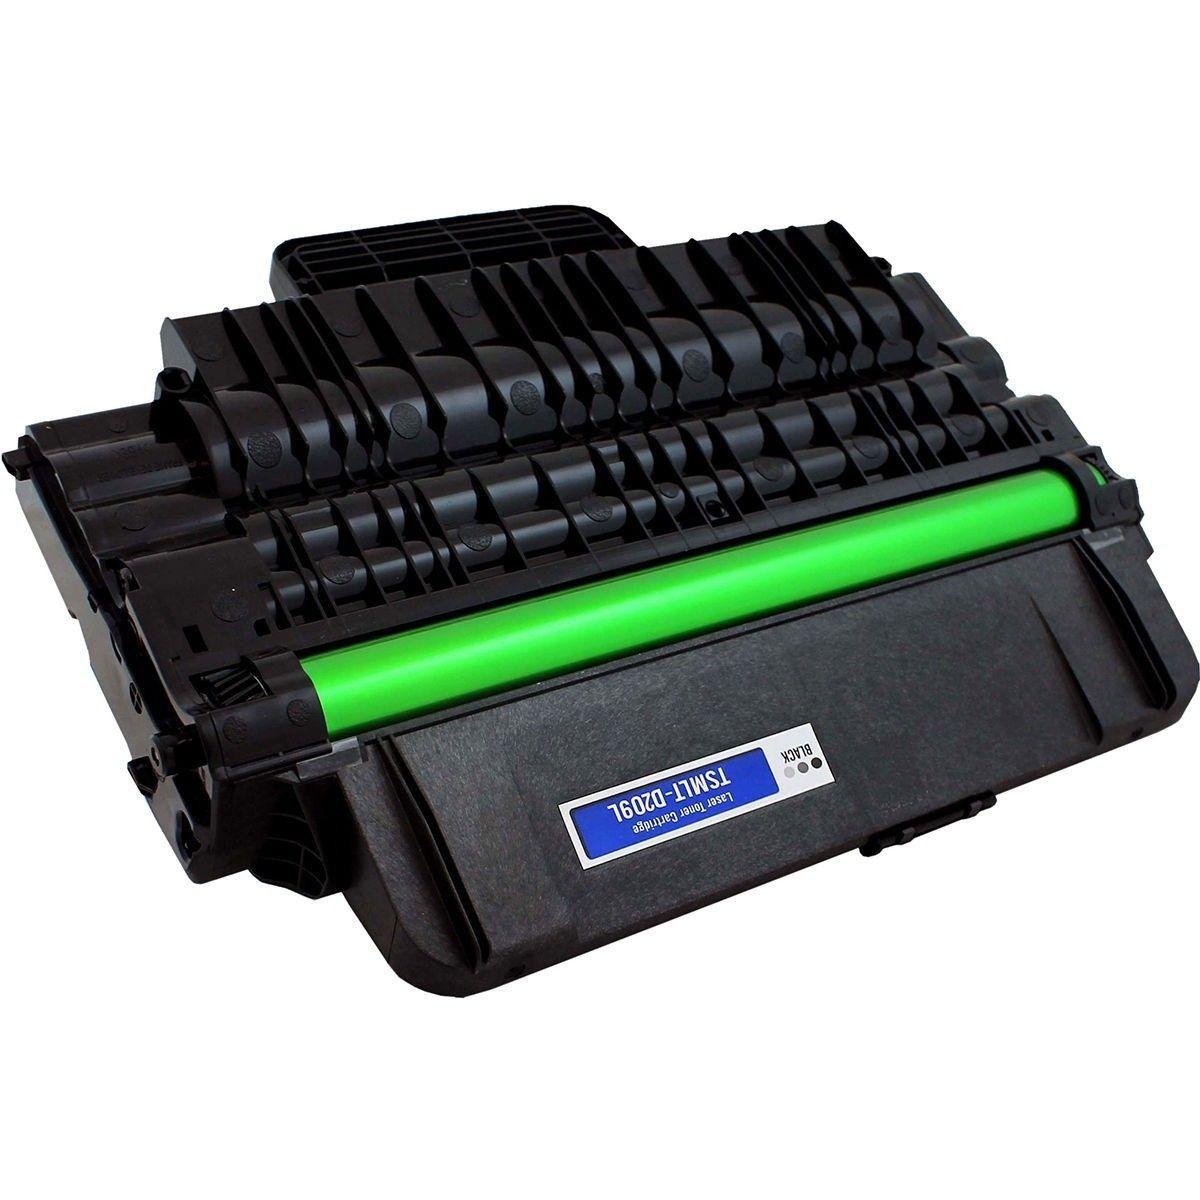 Compatível: Toner D209 D209L para Samsung SCX4828 SCX4828fn SCX4824 SCX4826 ML-2855 SCX-4828 4828fn / Preto / 5.000